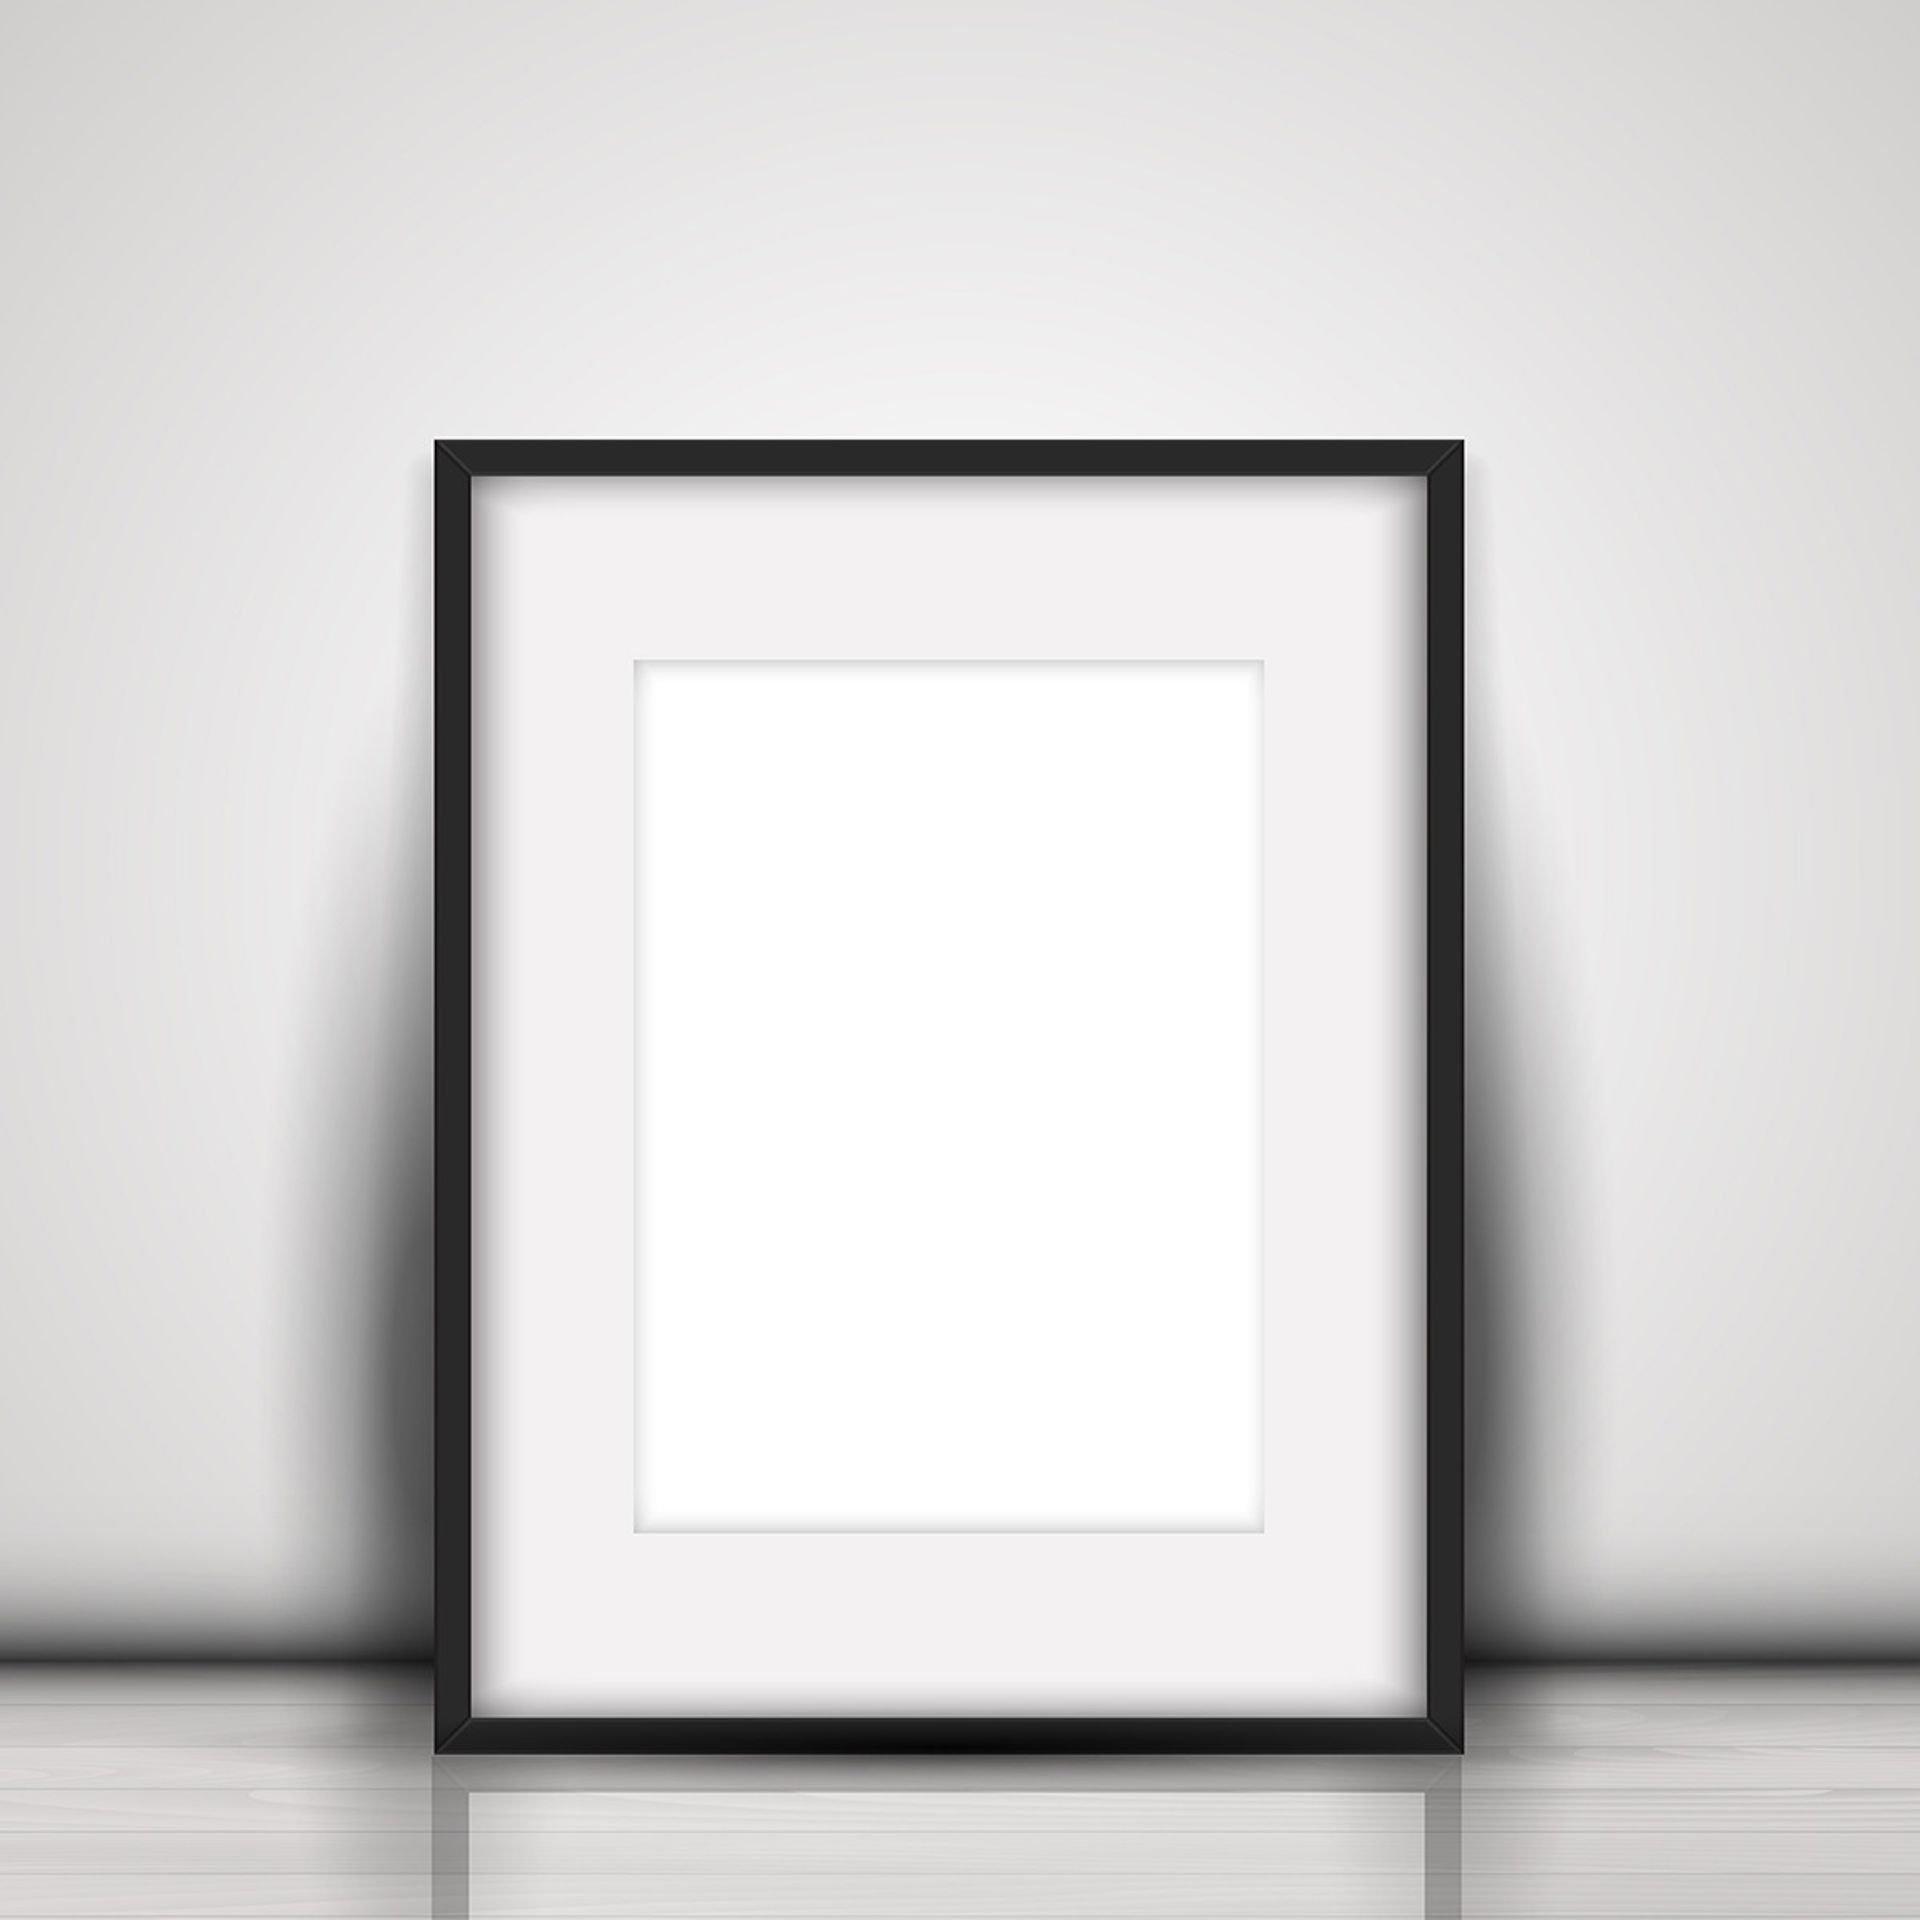 =מסגרת תמונה איכותית דגם FR9246, כולל הדפסת תמונה.